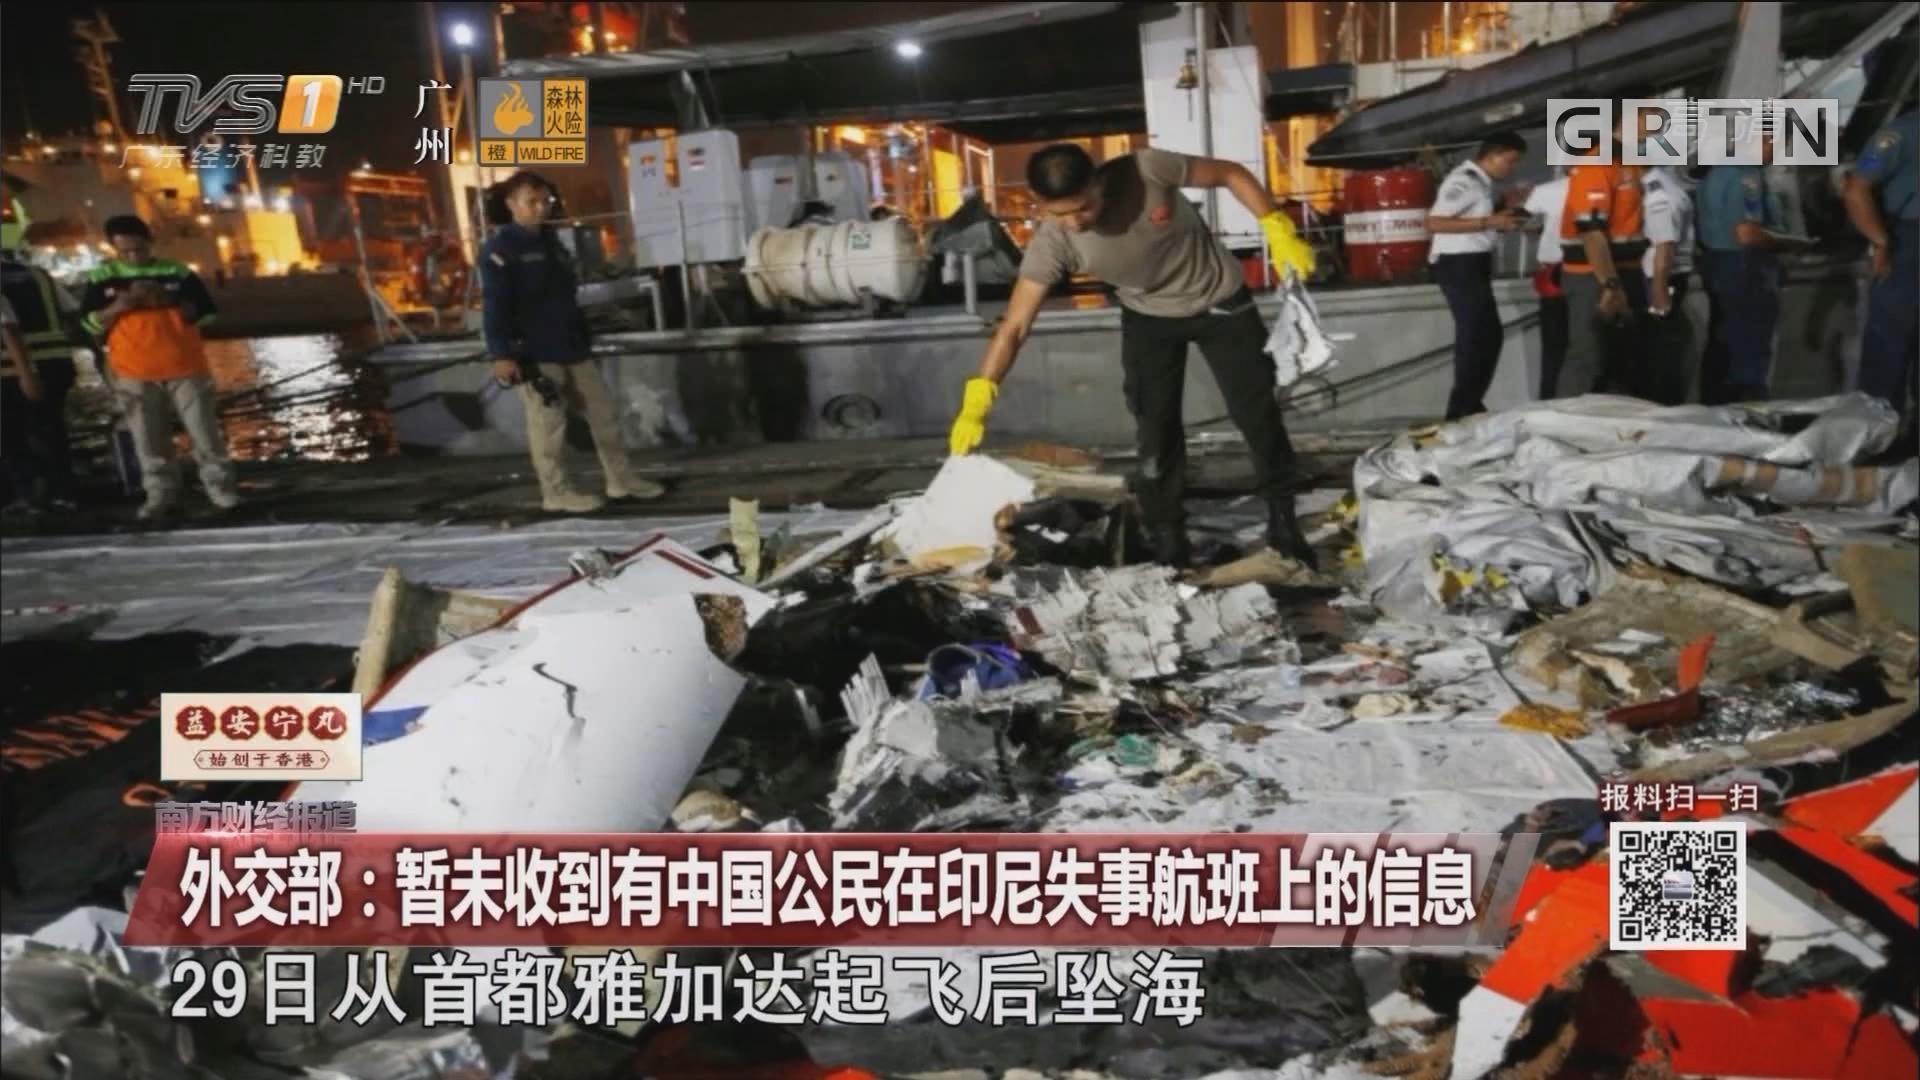 外交部:暂未收到有中国公民在印尼失事航班上的信息